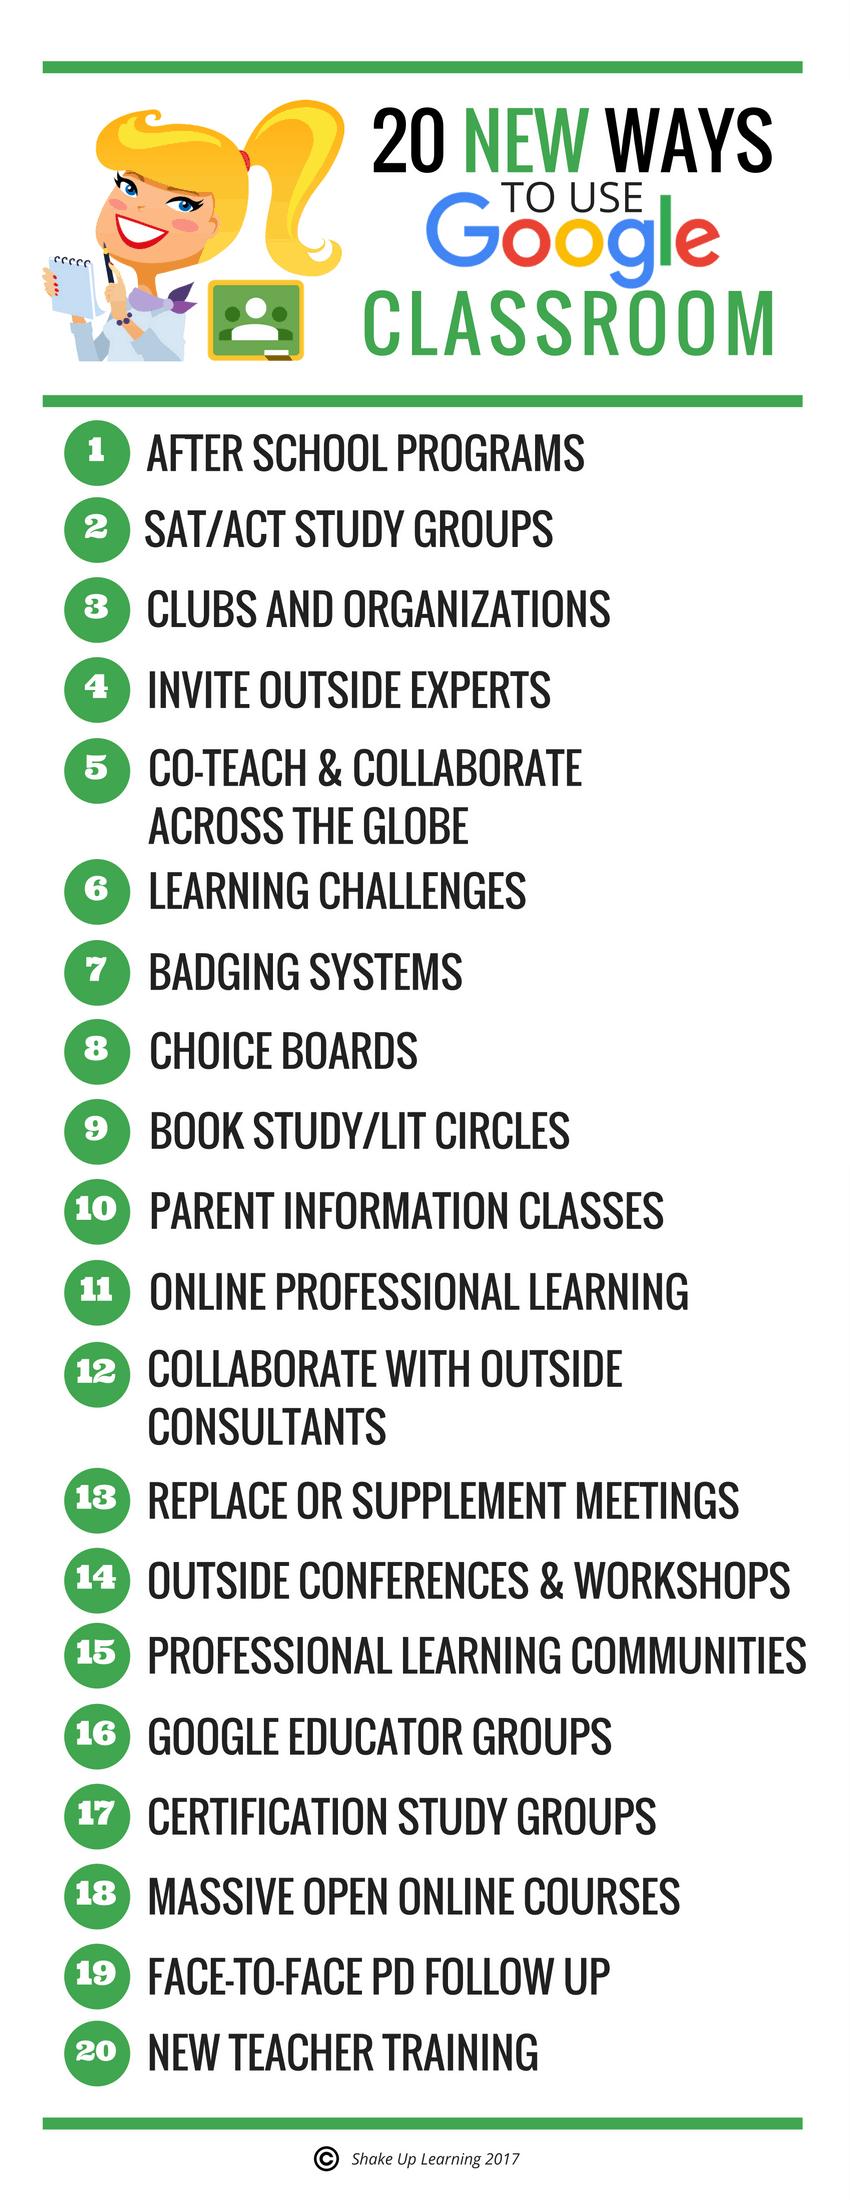 20 New Ways to Use Google Classroom